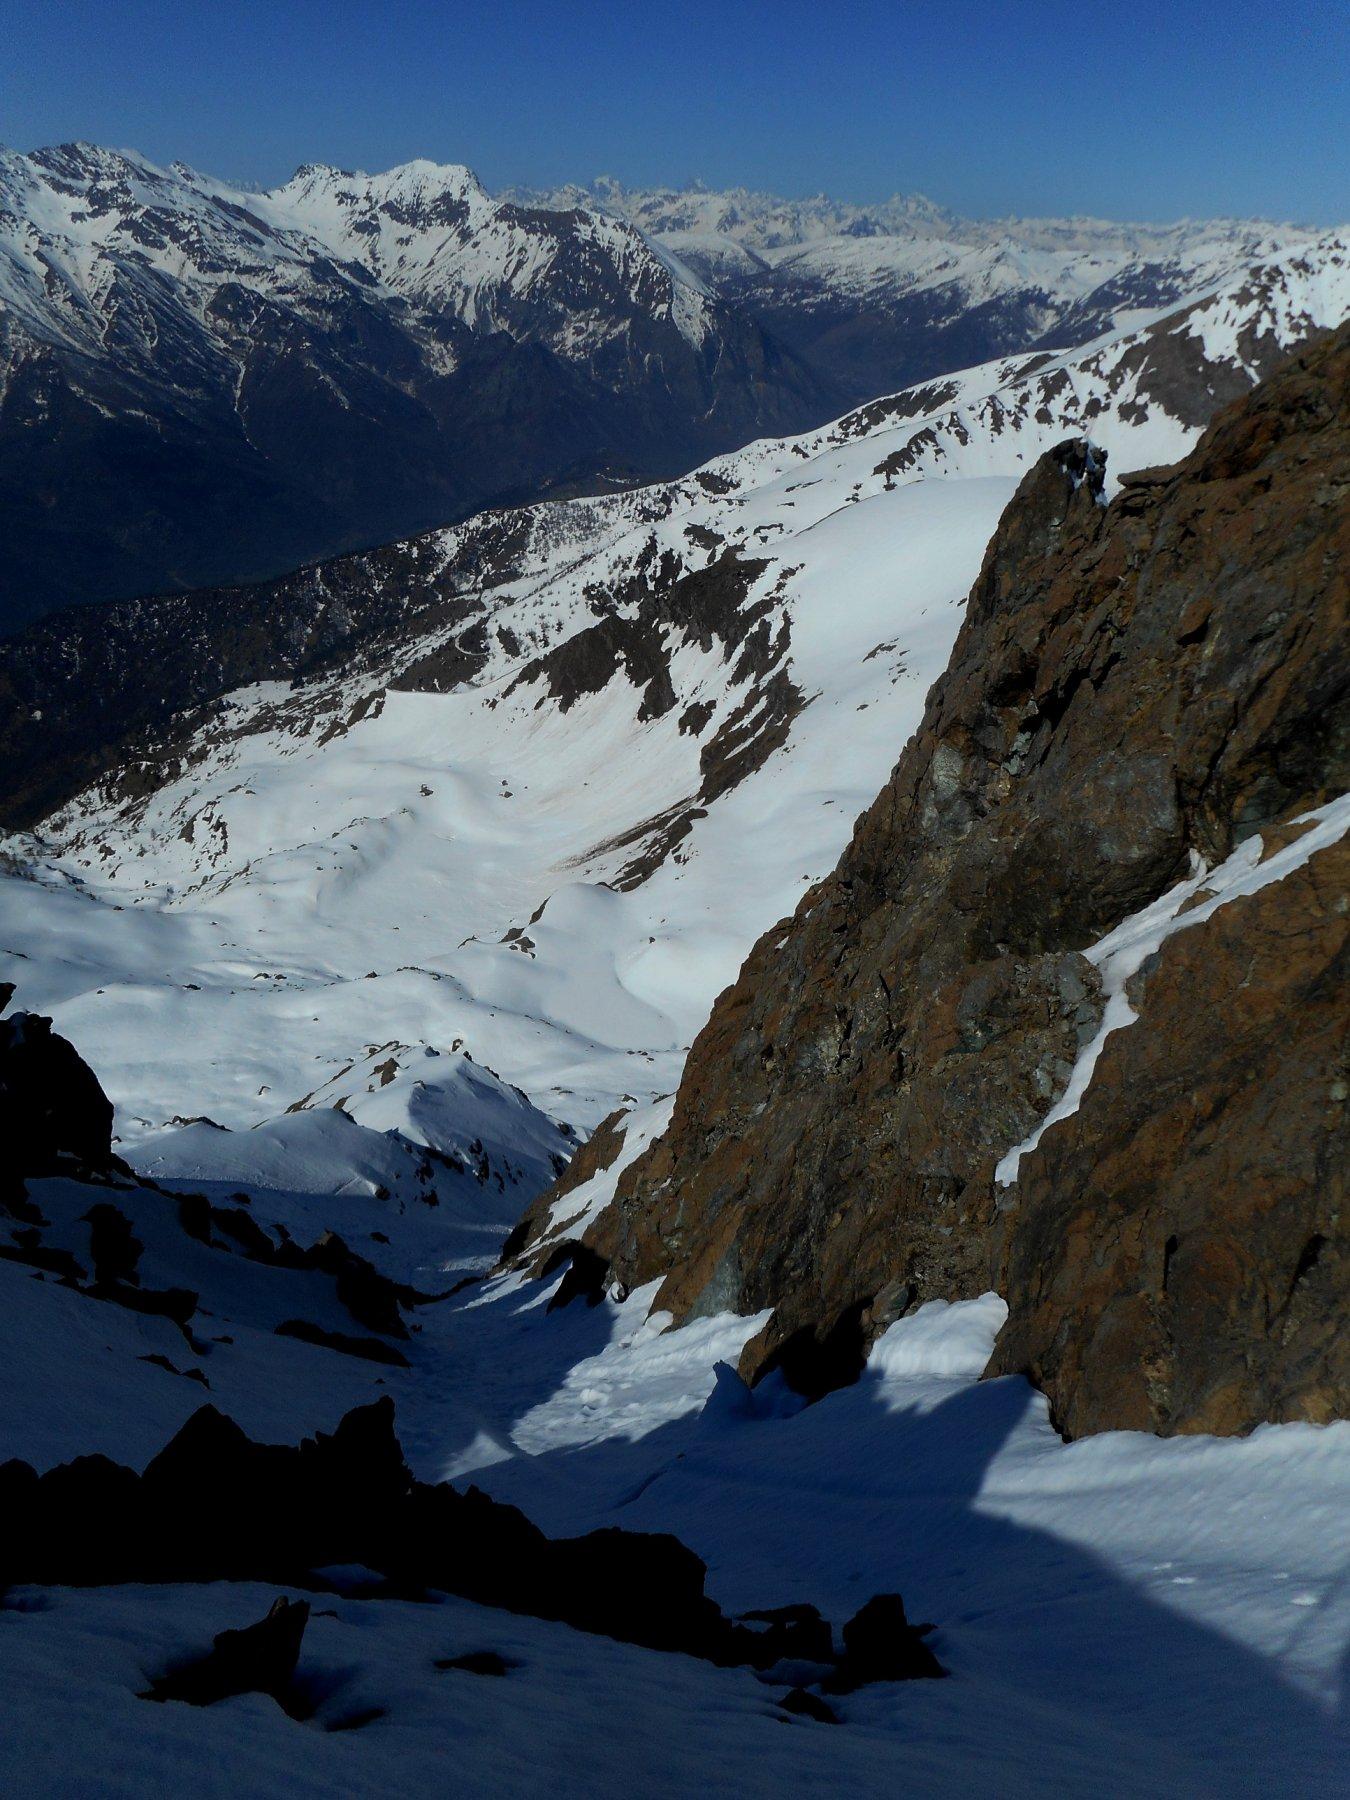 canale finale visto dall'alto